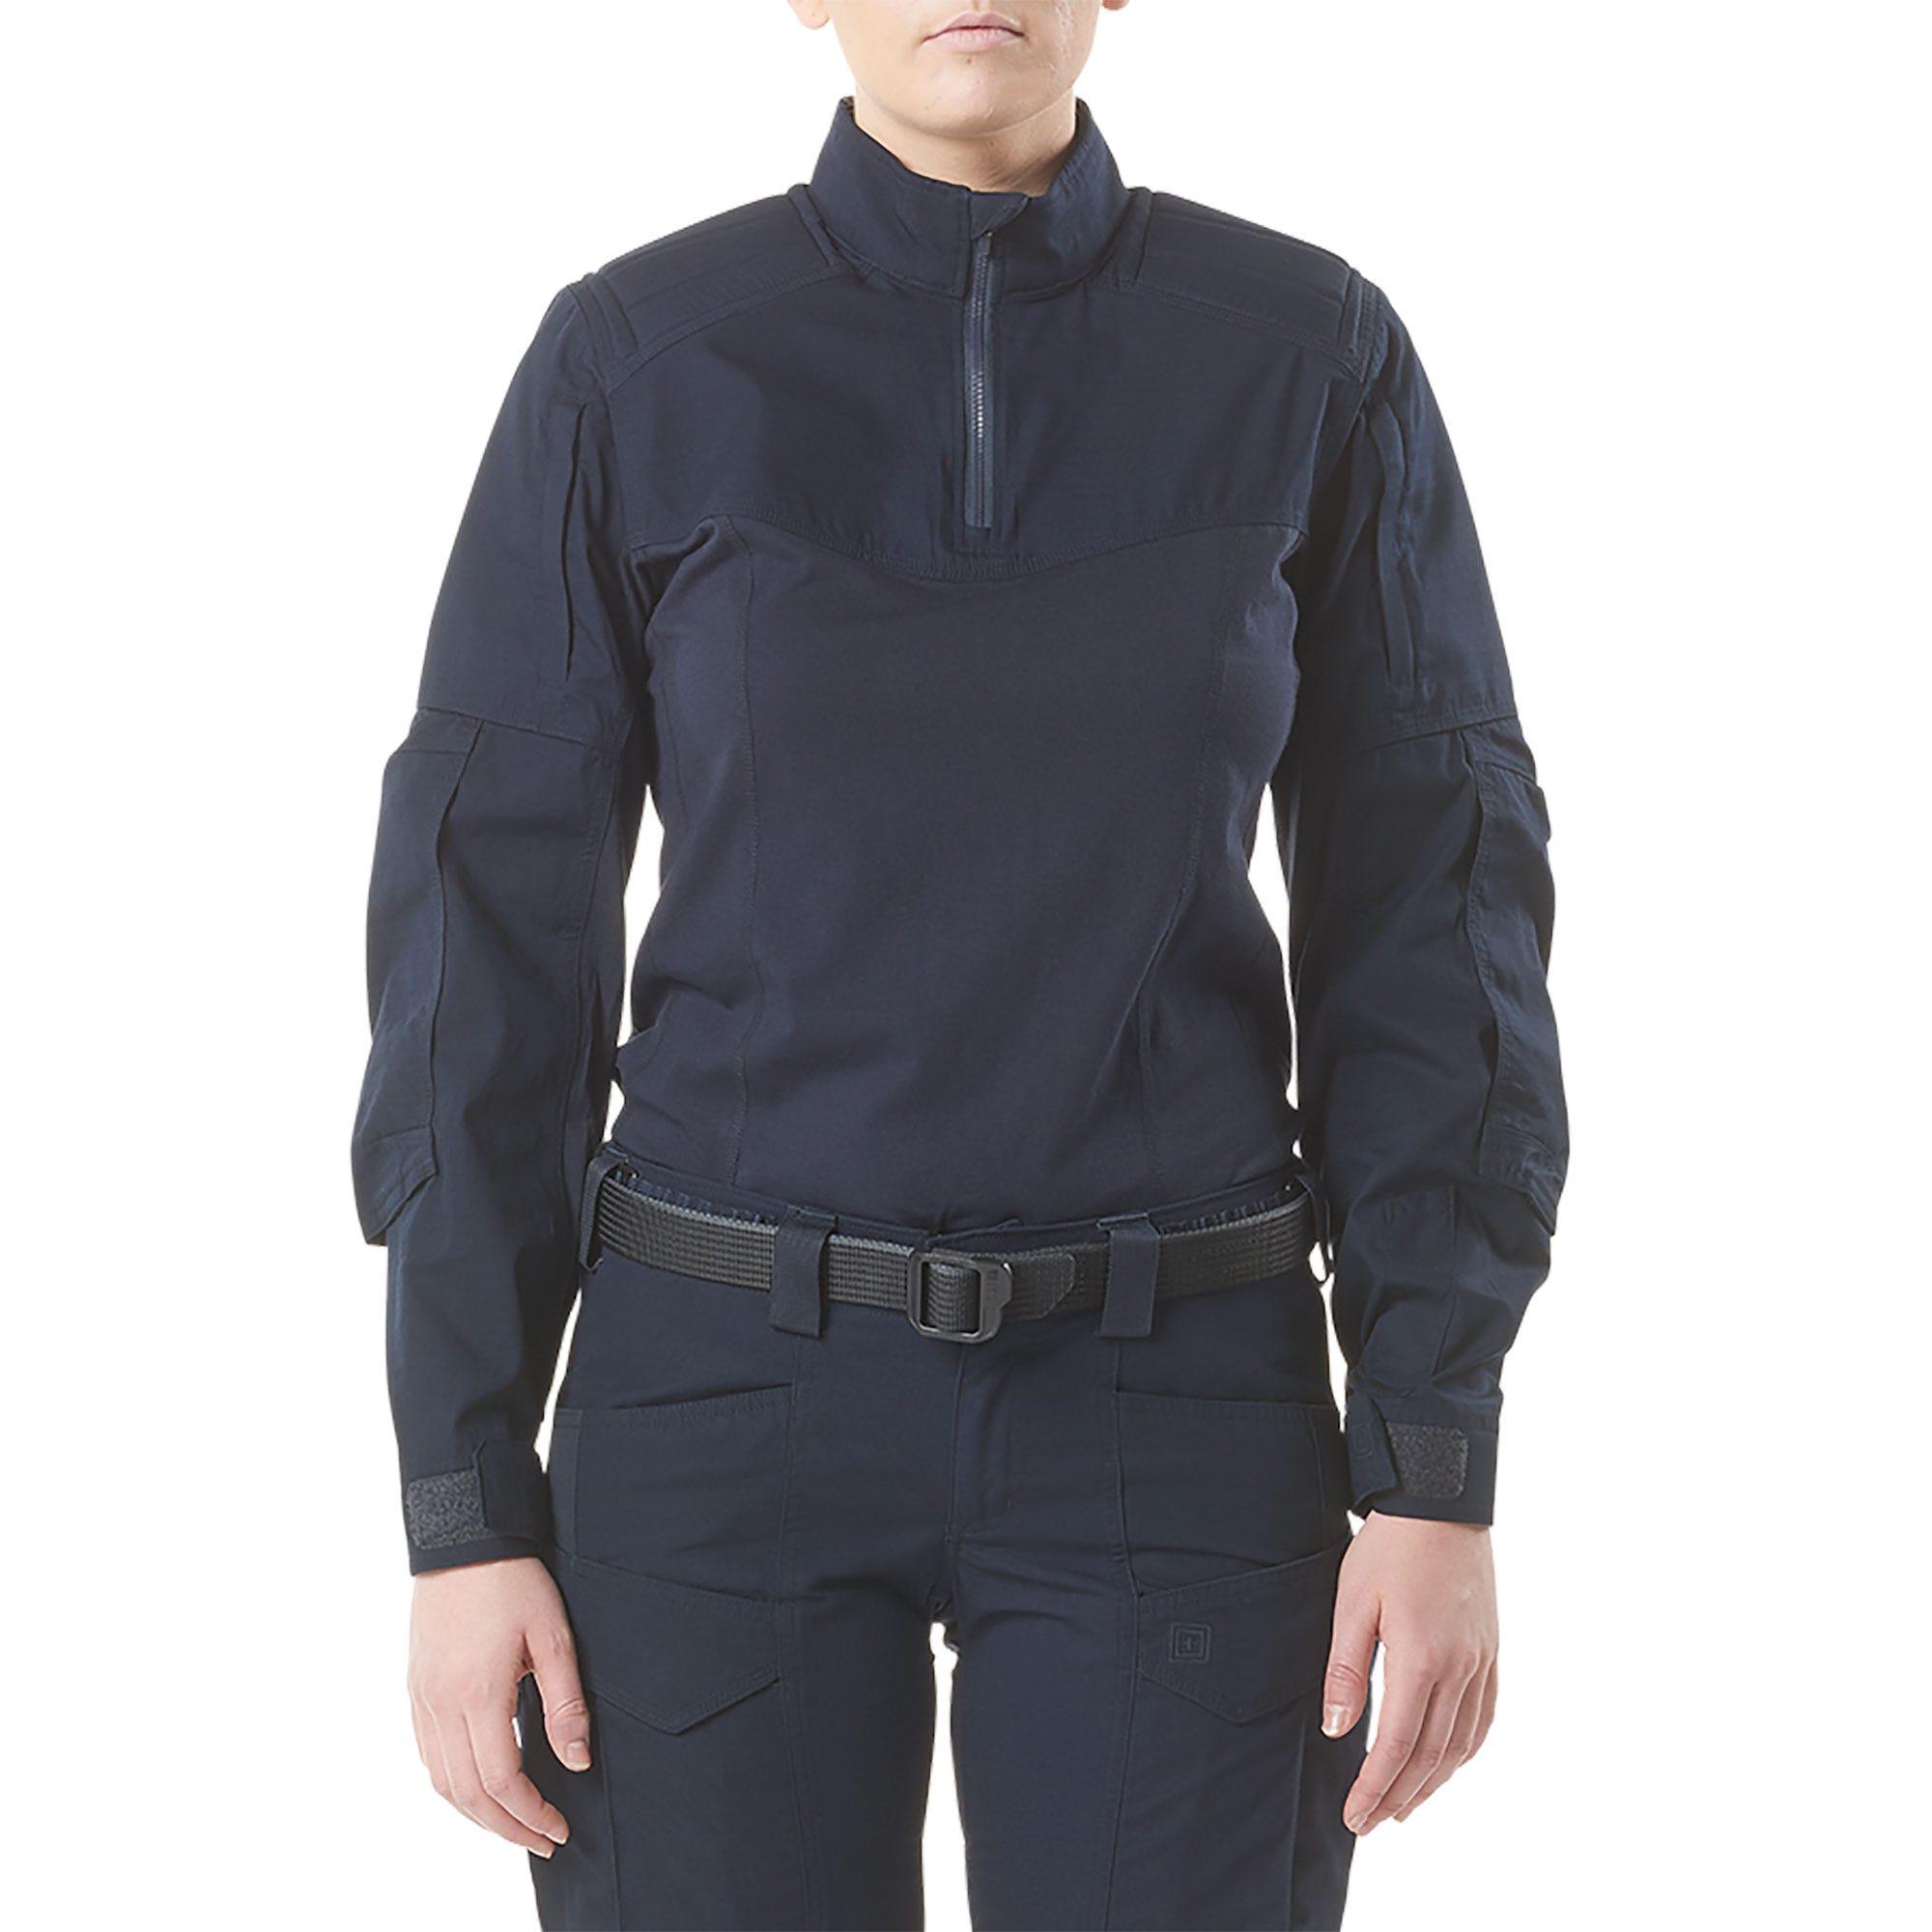 5.11 Tactical Women's XPRT Rapid Shirt (Blue)